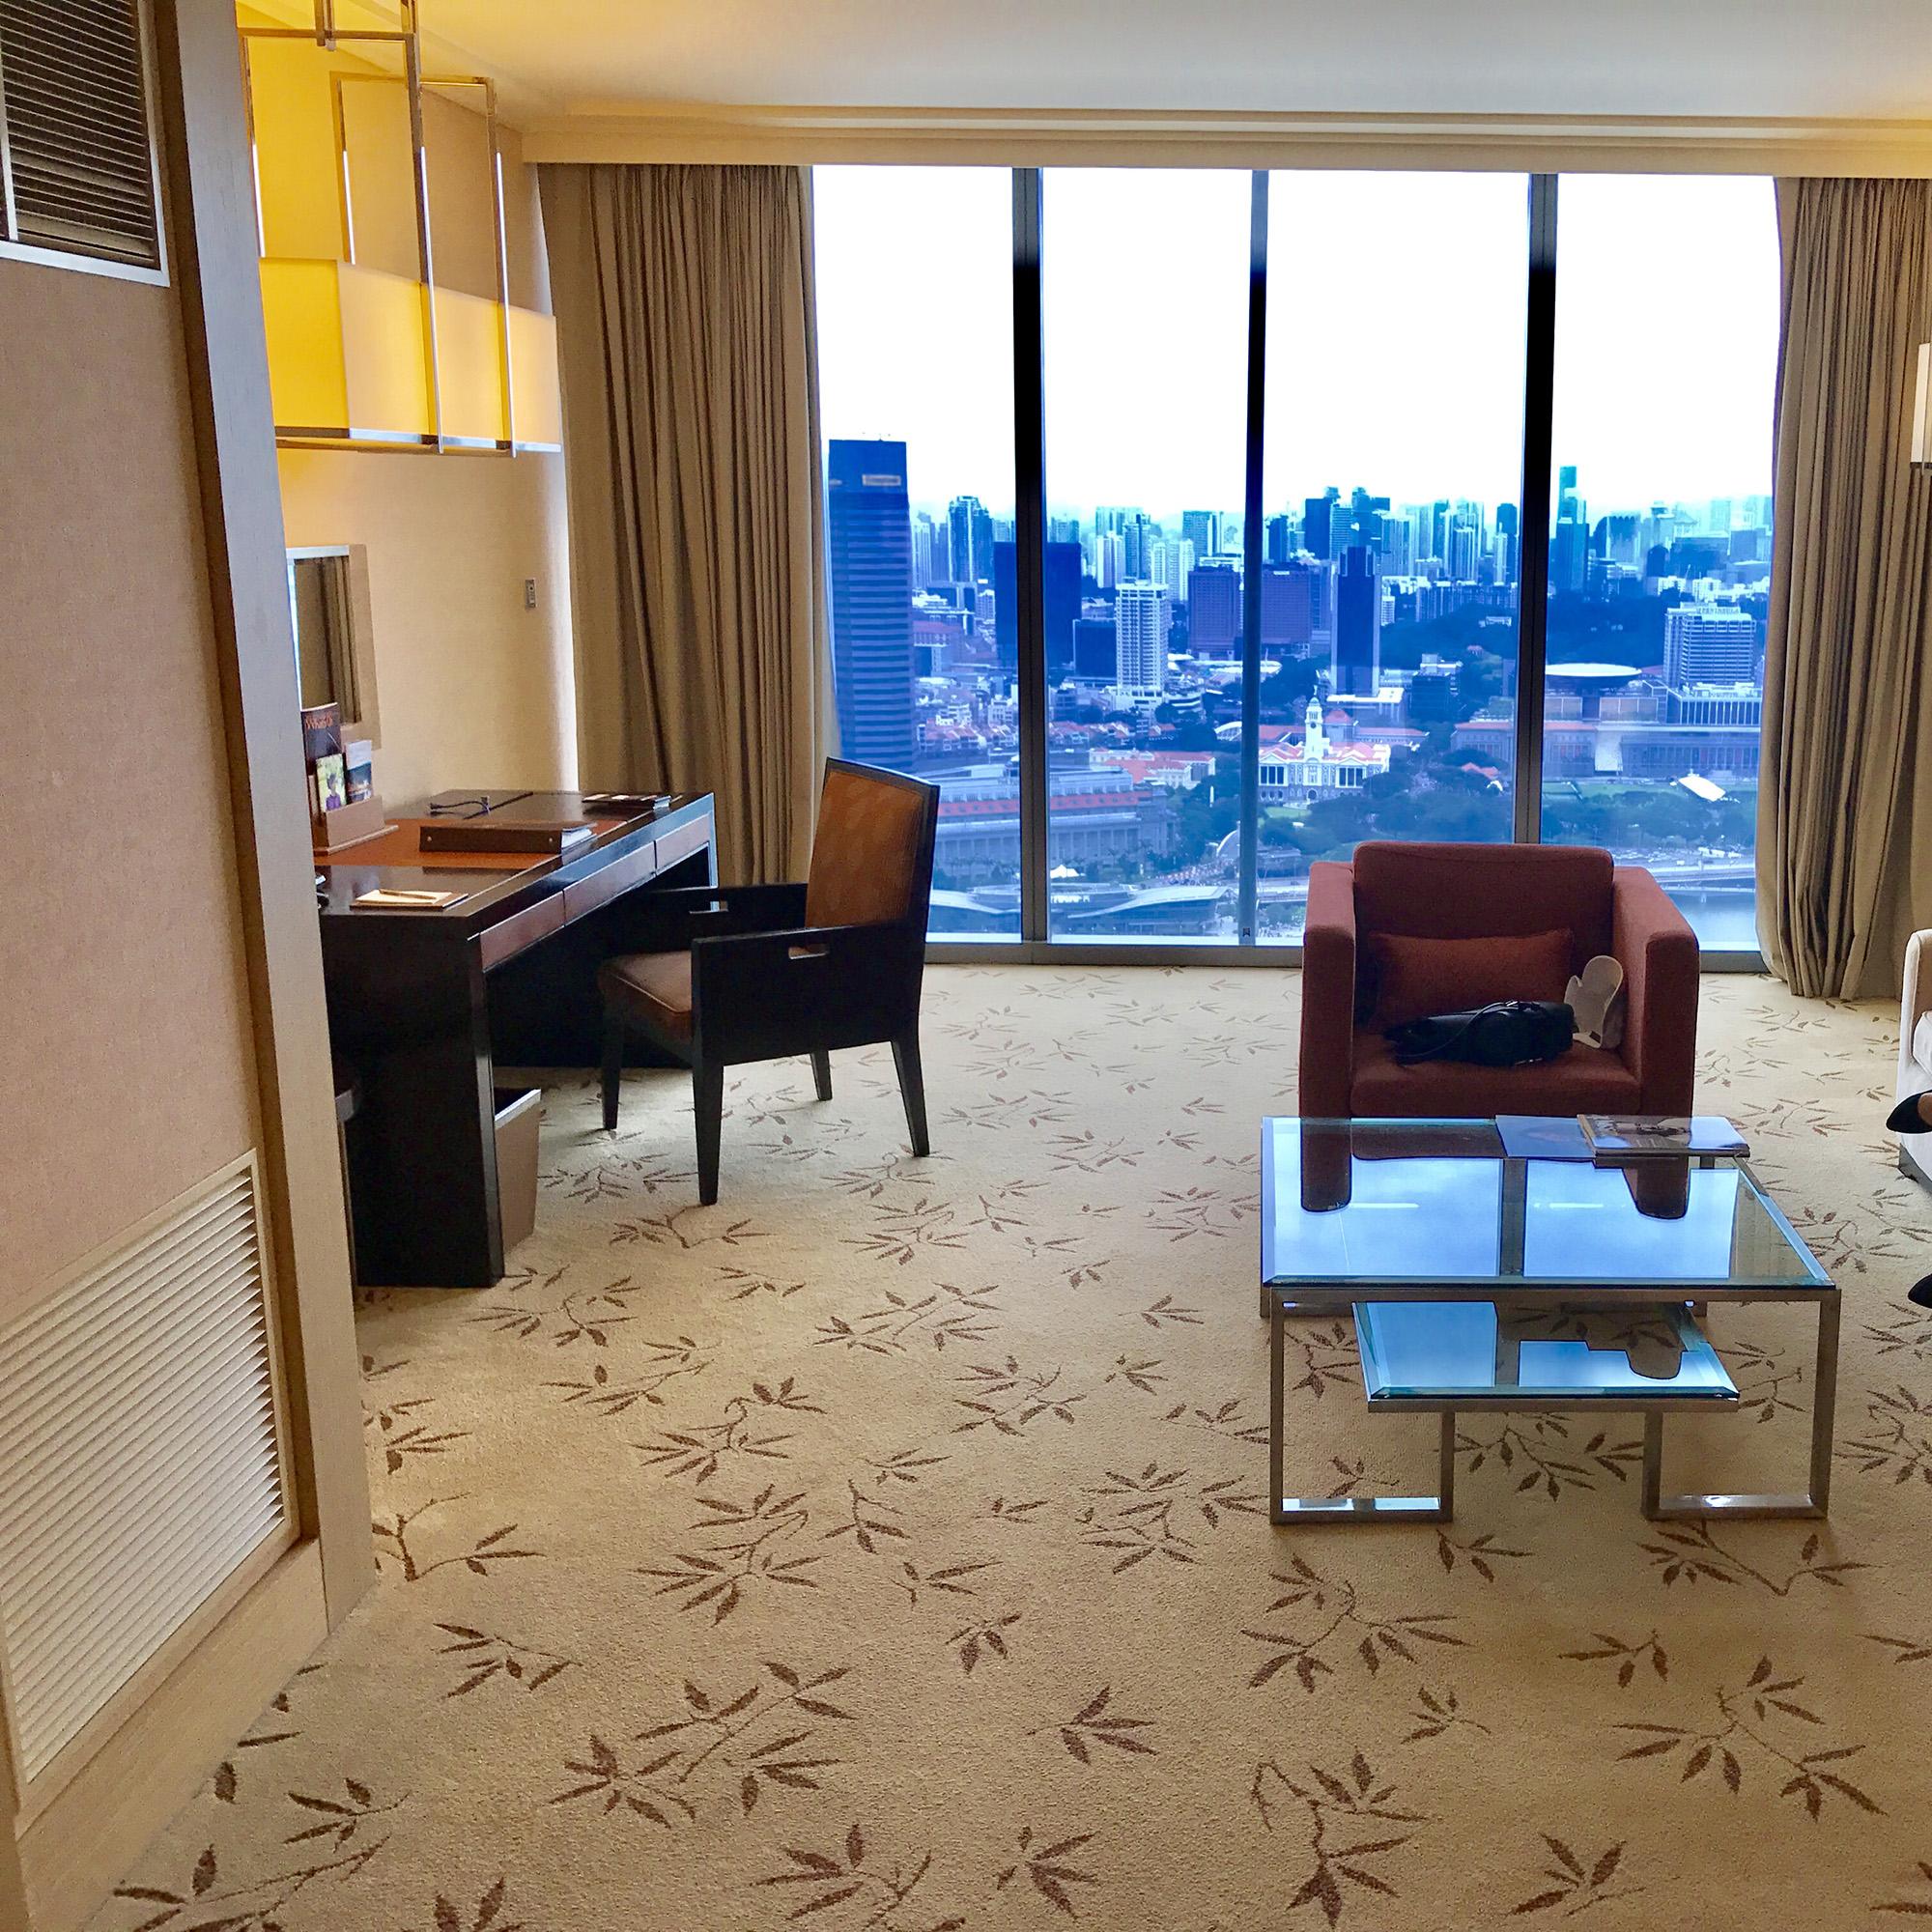 マリーナベイサンズ 49階の眺望(昼)